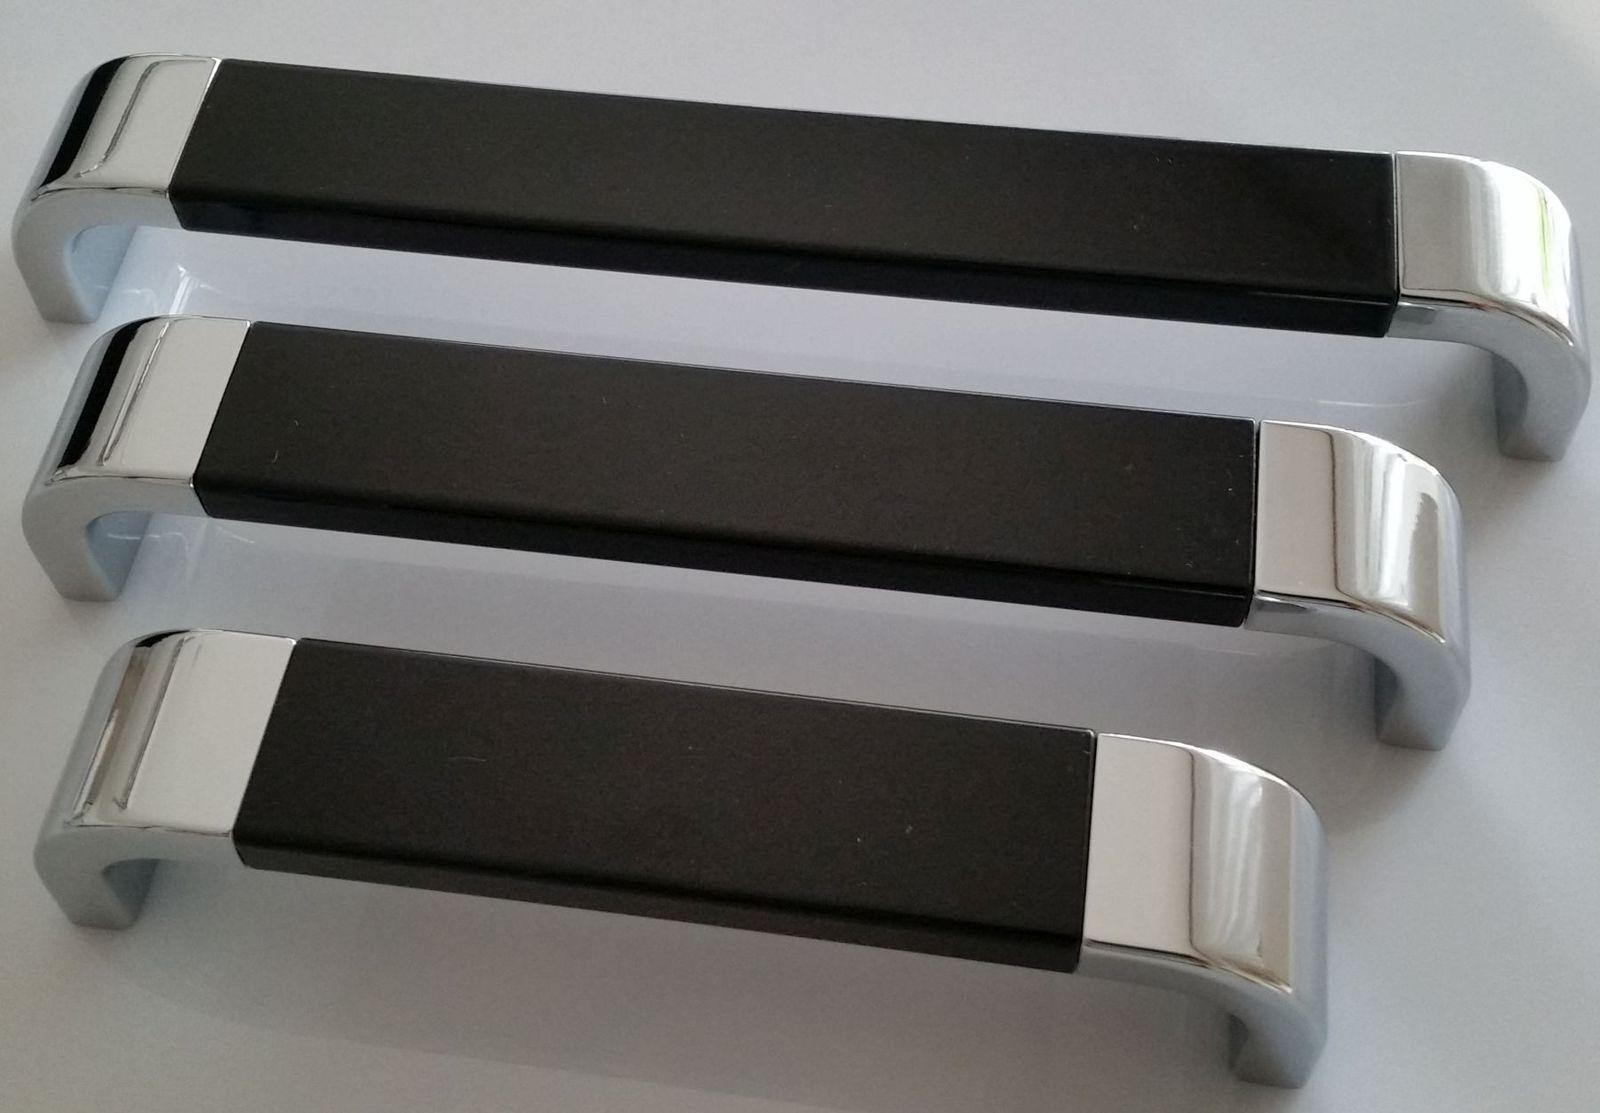 Möbelgriff BA 128 160 192 mm Verchromt Schwarz Küchen